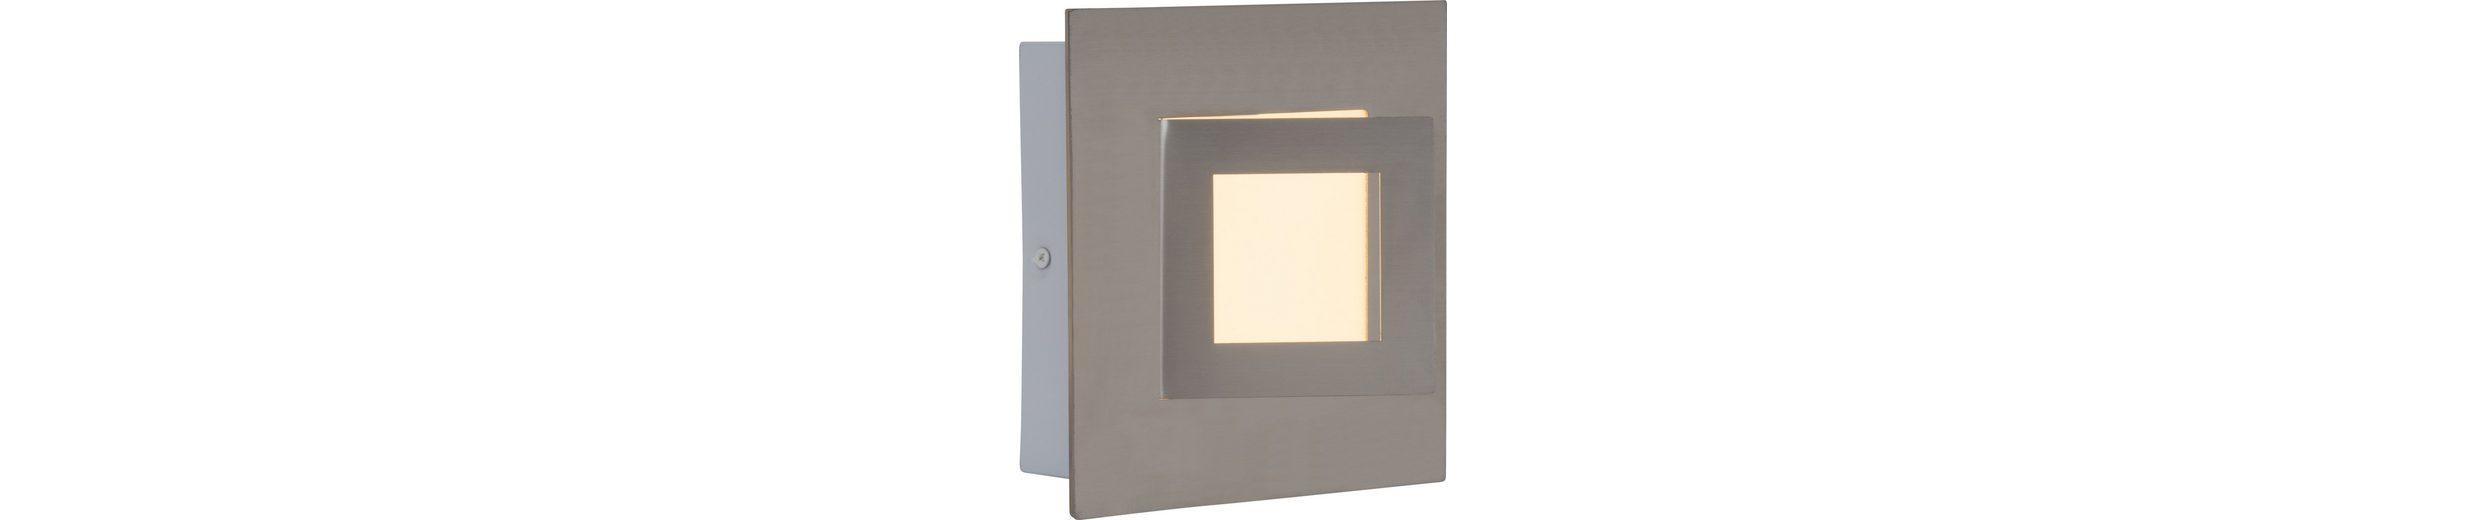 Brilliant Leuchten Doors LED Wand- und Deckenleuchte eisen